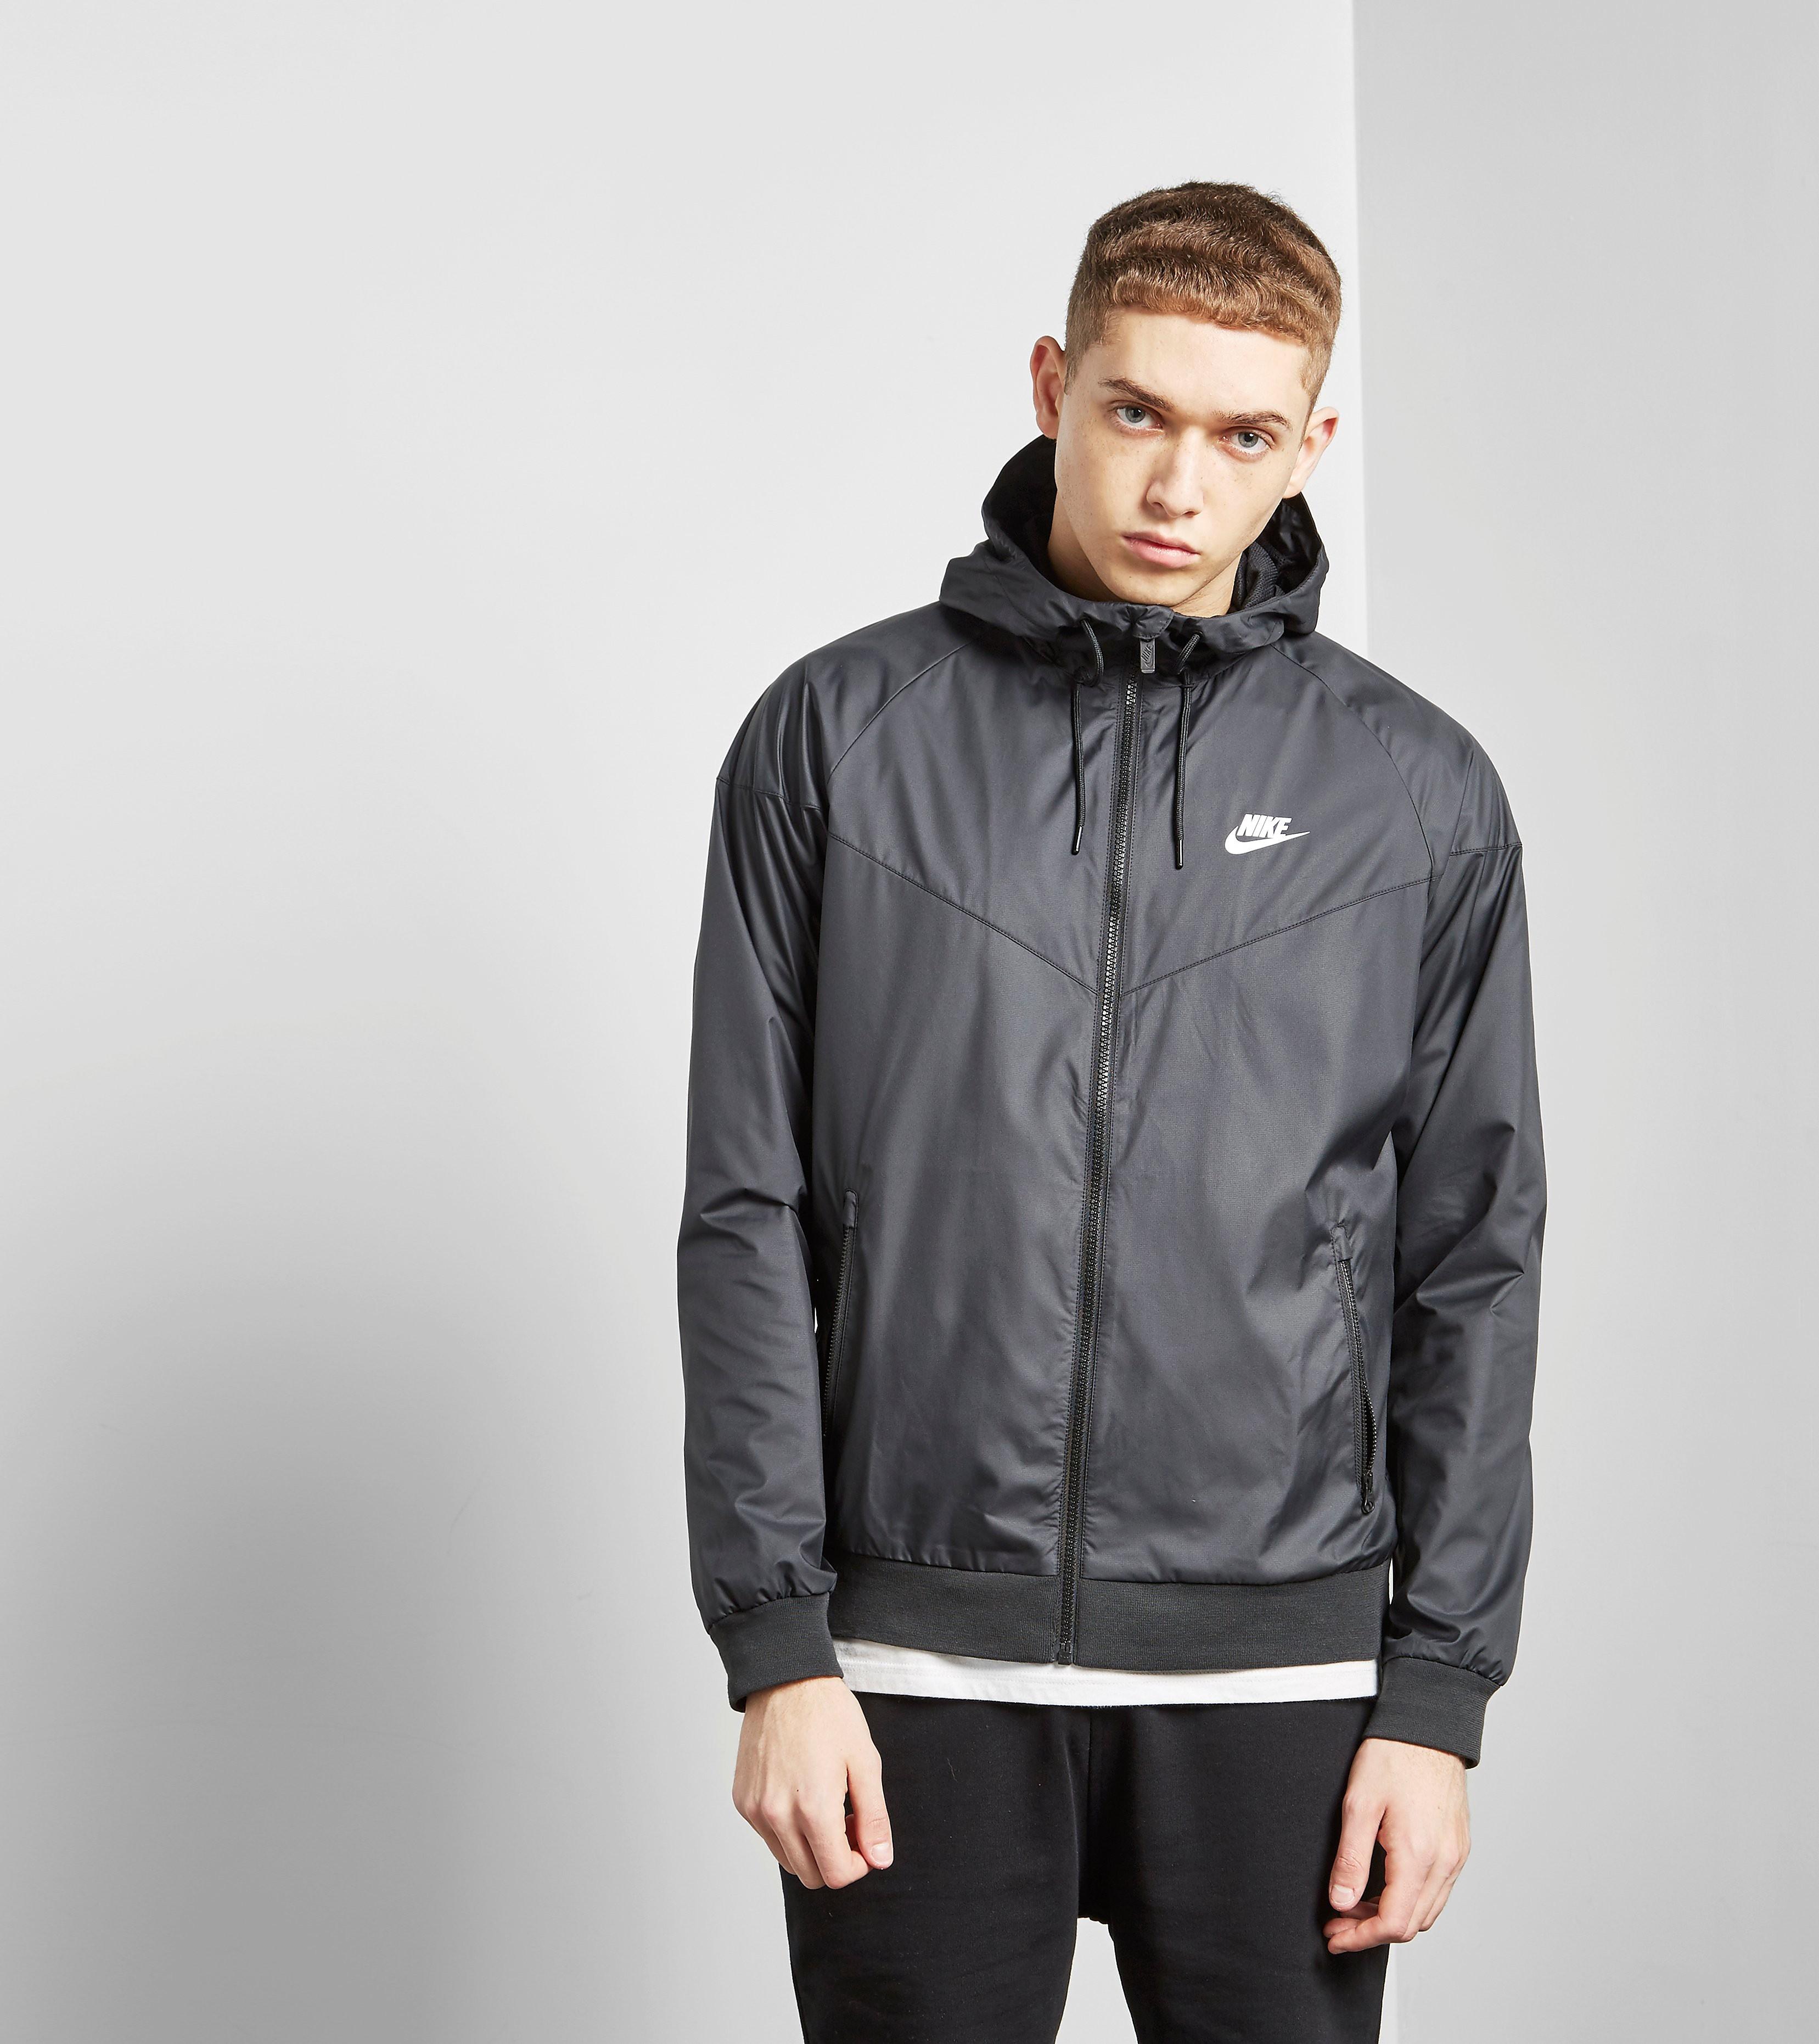 Nike Runner Jacket